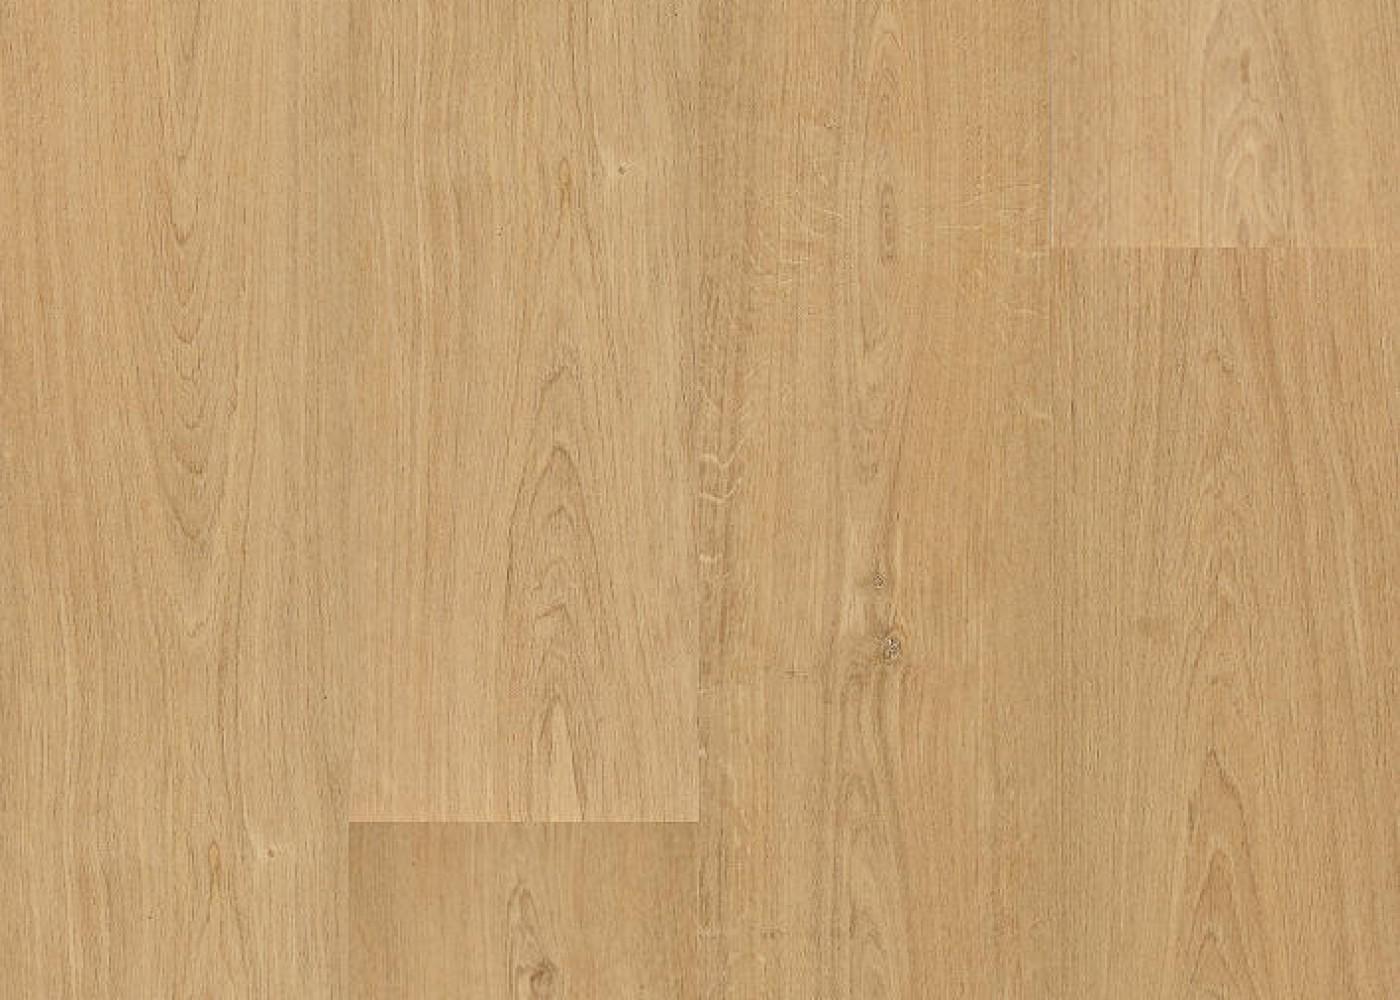 Vinyle rigide Chêne Croissant passage commercial 4.5x225x1524